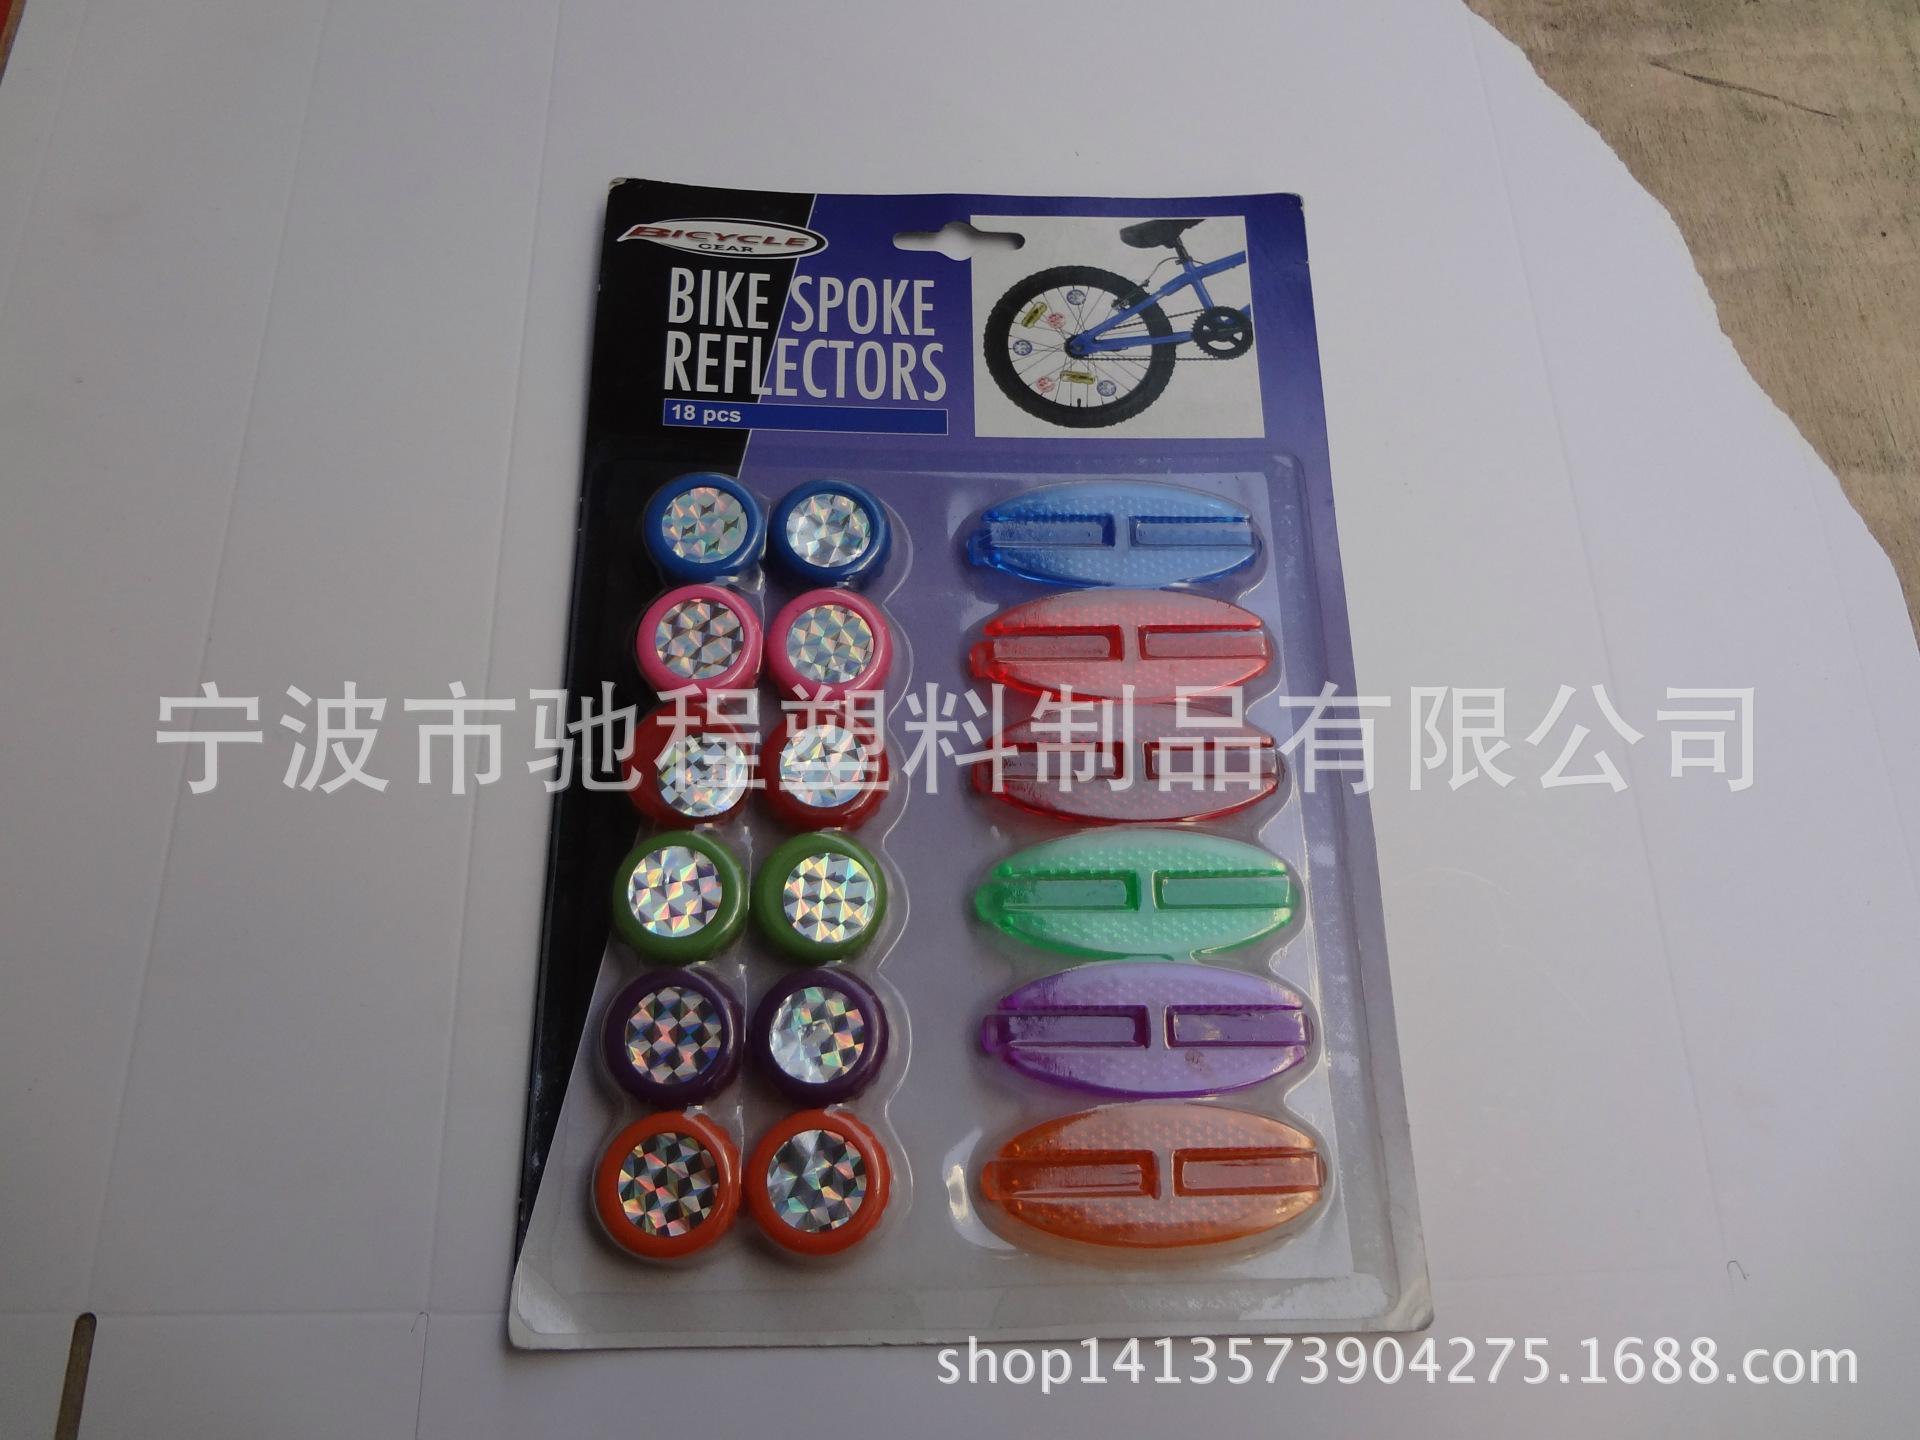 厂家直销 自行车反光牌 反光片 圆珠